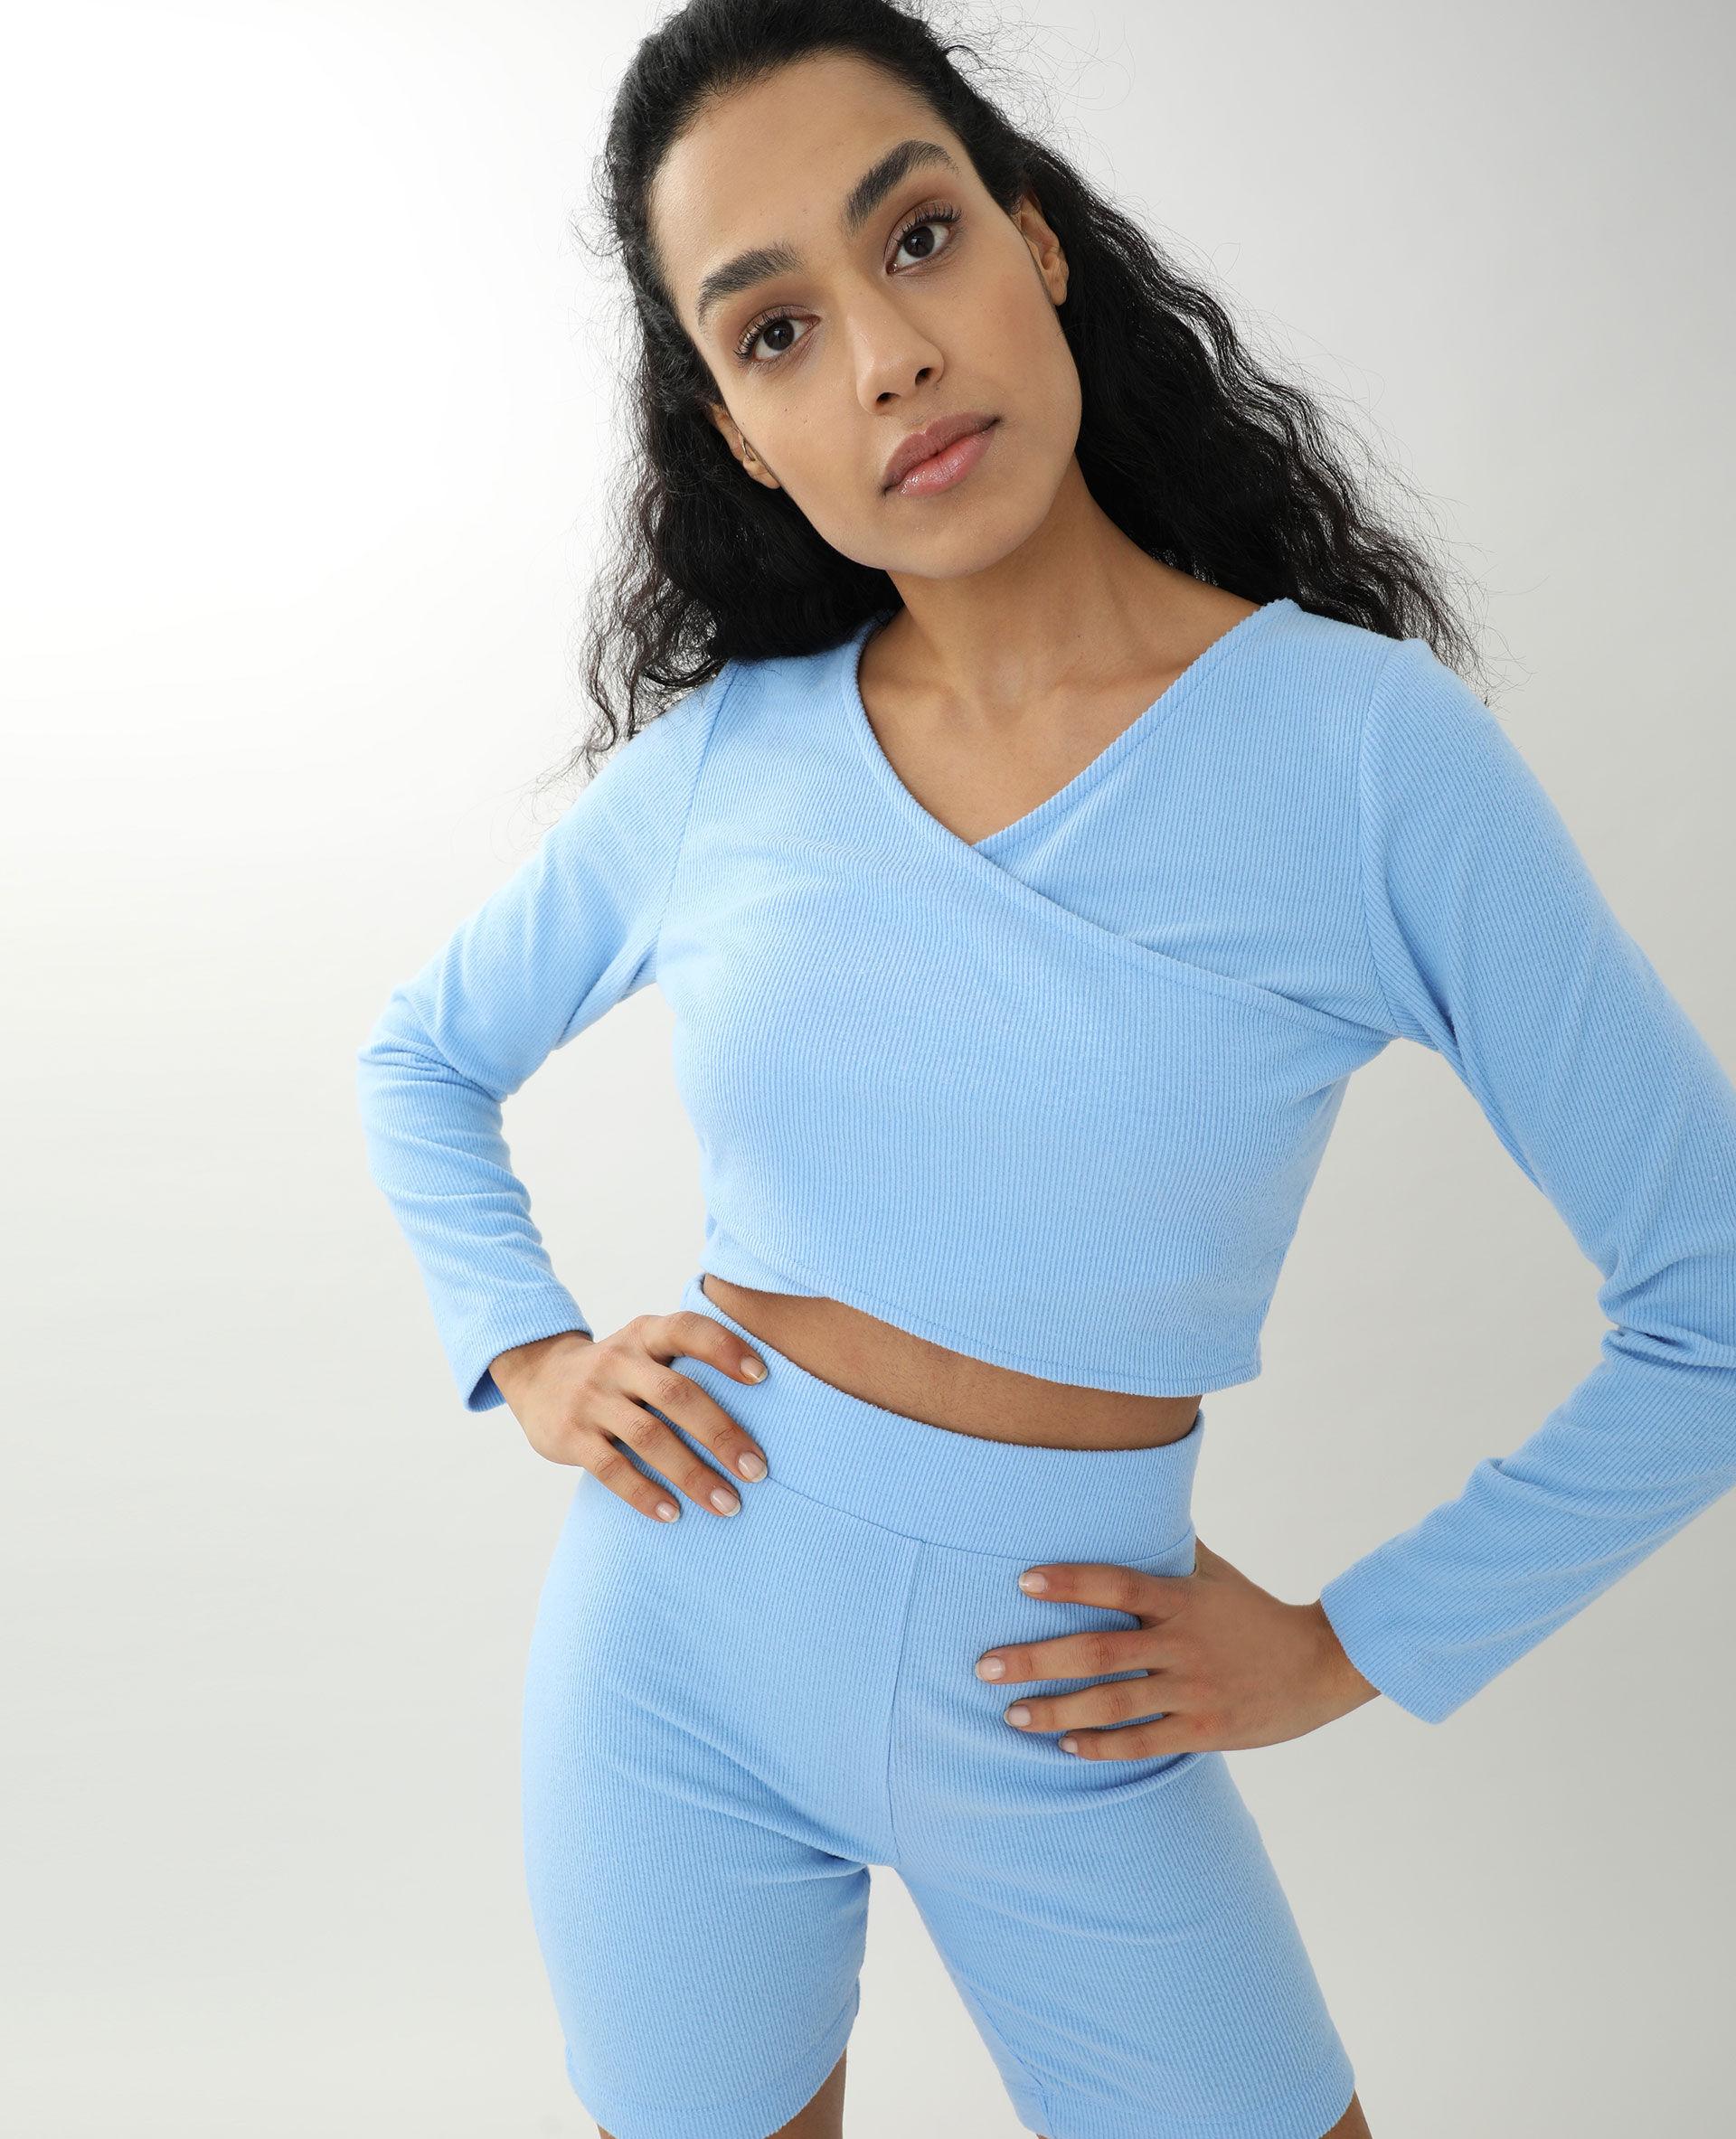 Top croisé Femme - Couleur bleu - Taille XS - PIMKIE - MODE FEMME